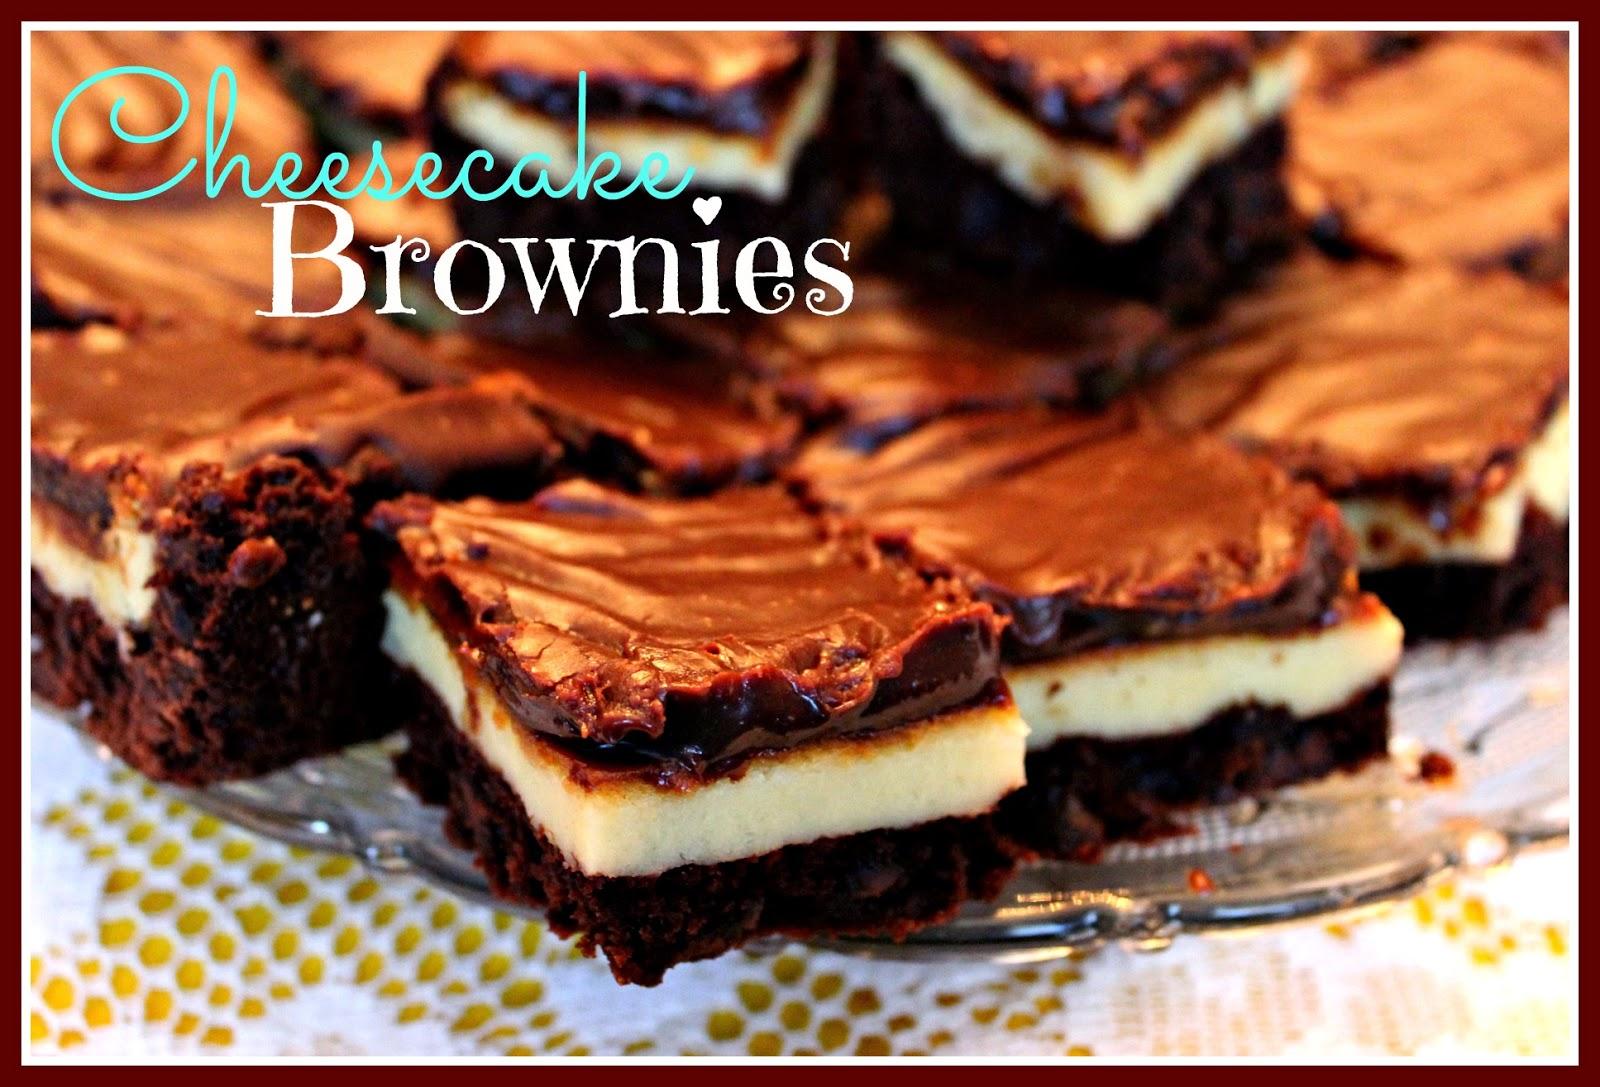 Cheesecake Brownies!